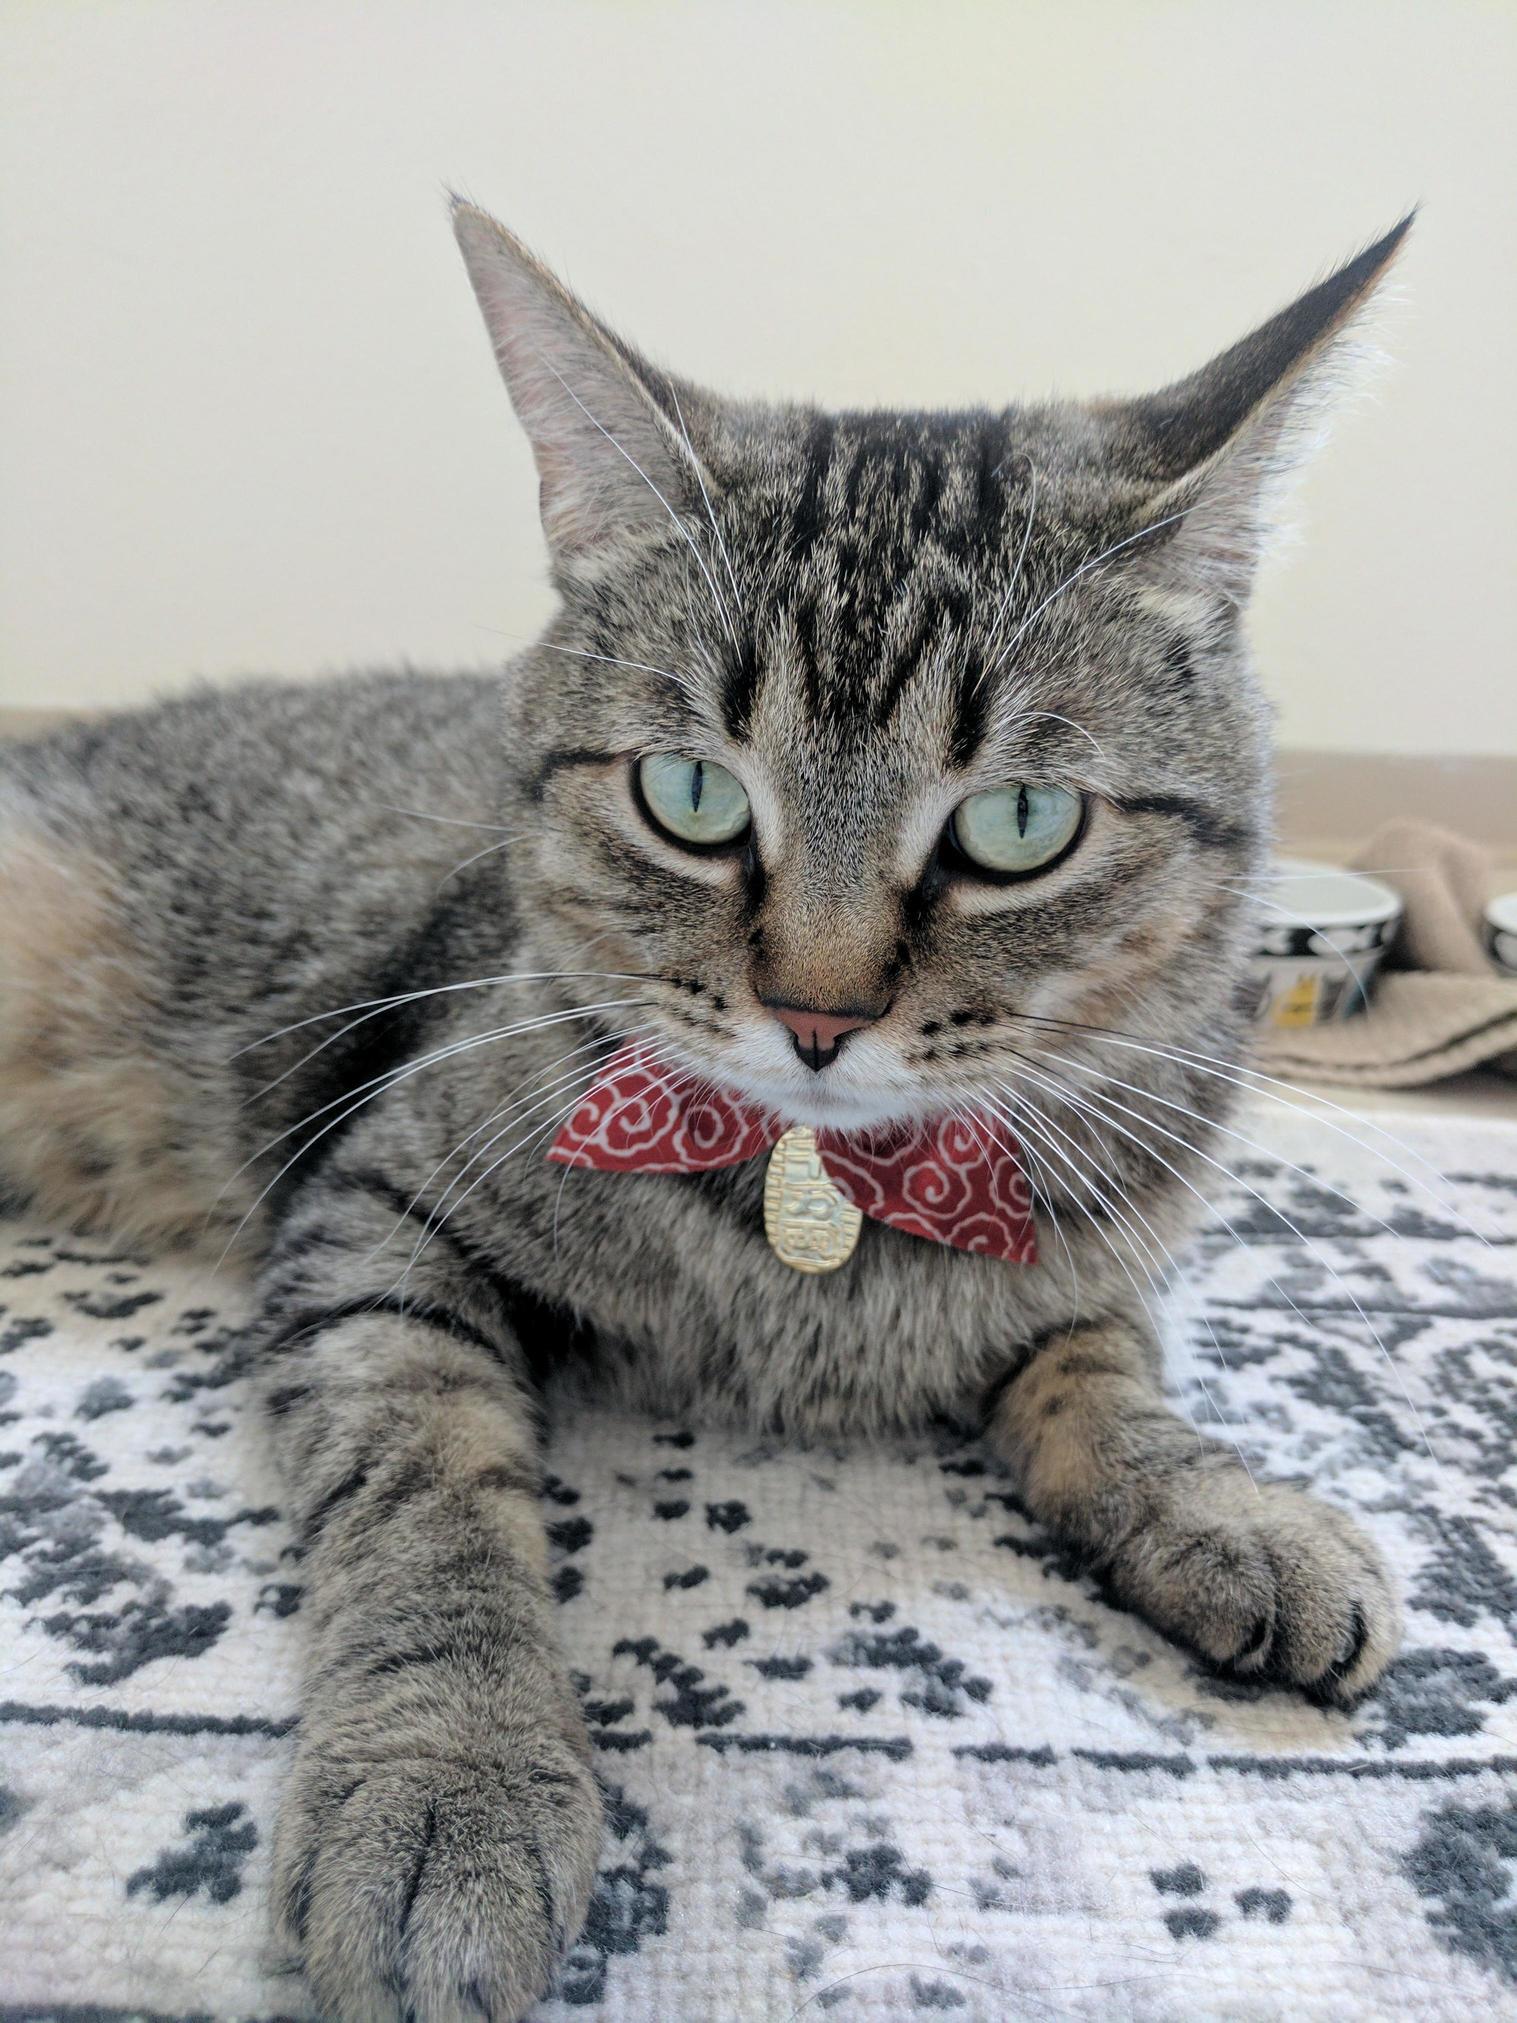 My lovely girl got a new collar